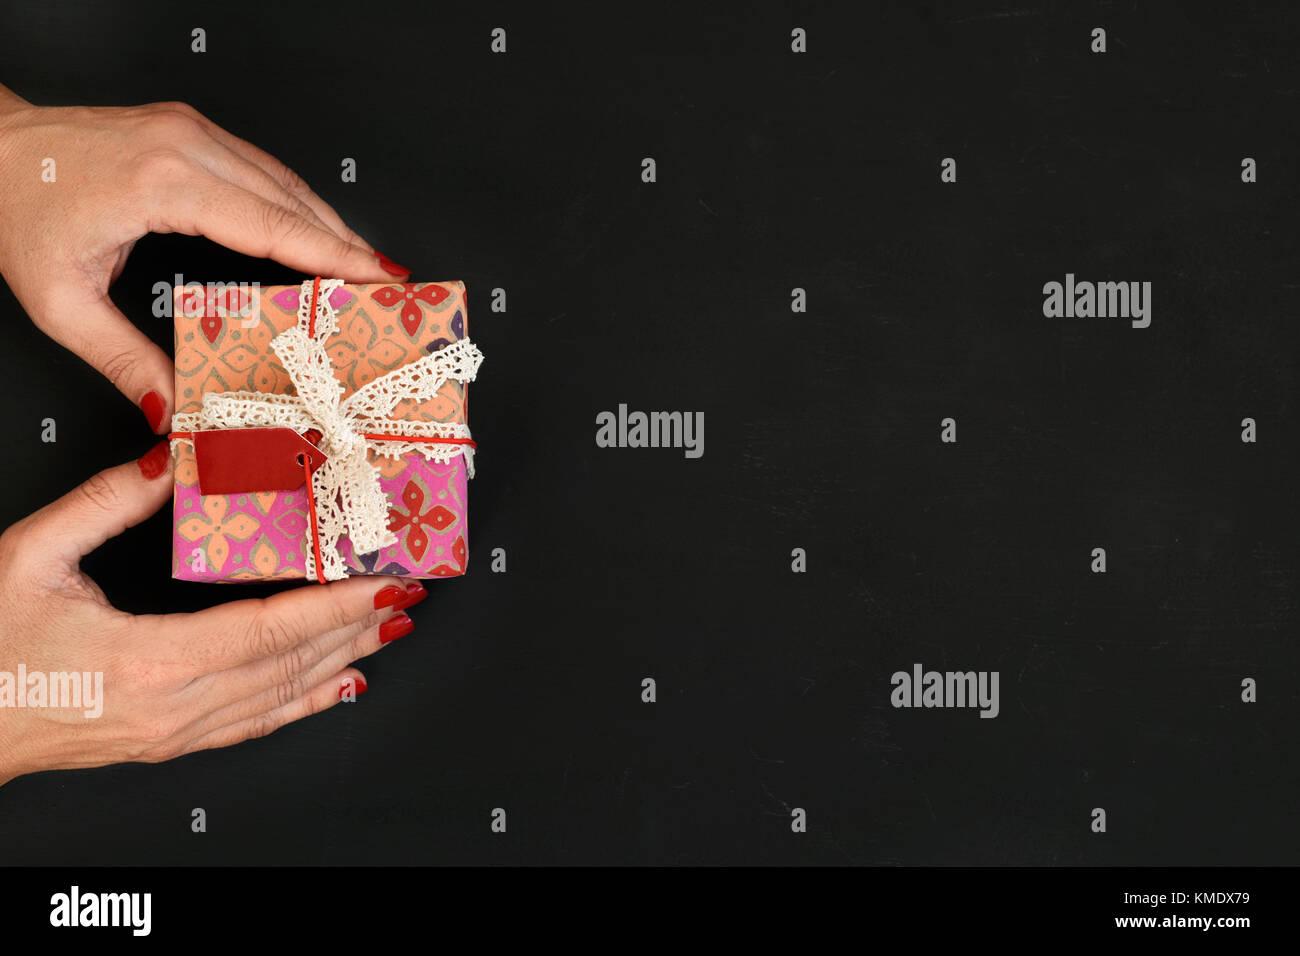 Disparo de alto ángulo de una joven mujer caucásica con un regalo en sus manos, envuelto en un lindo papel Imagen De Stock